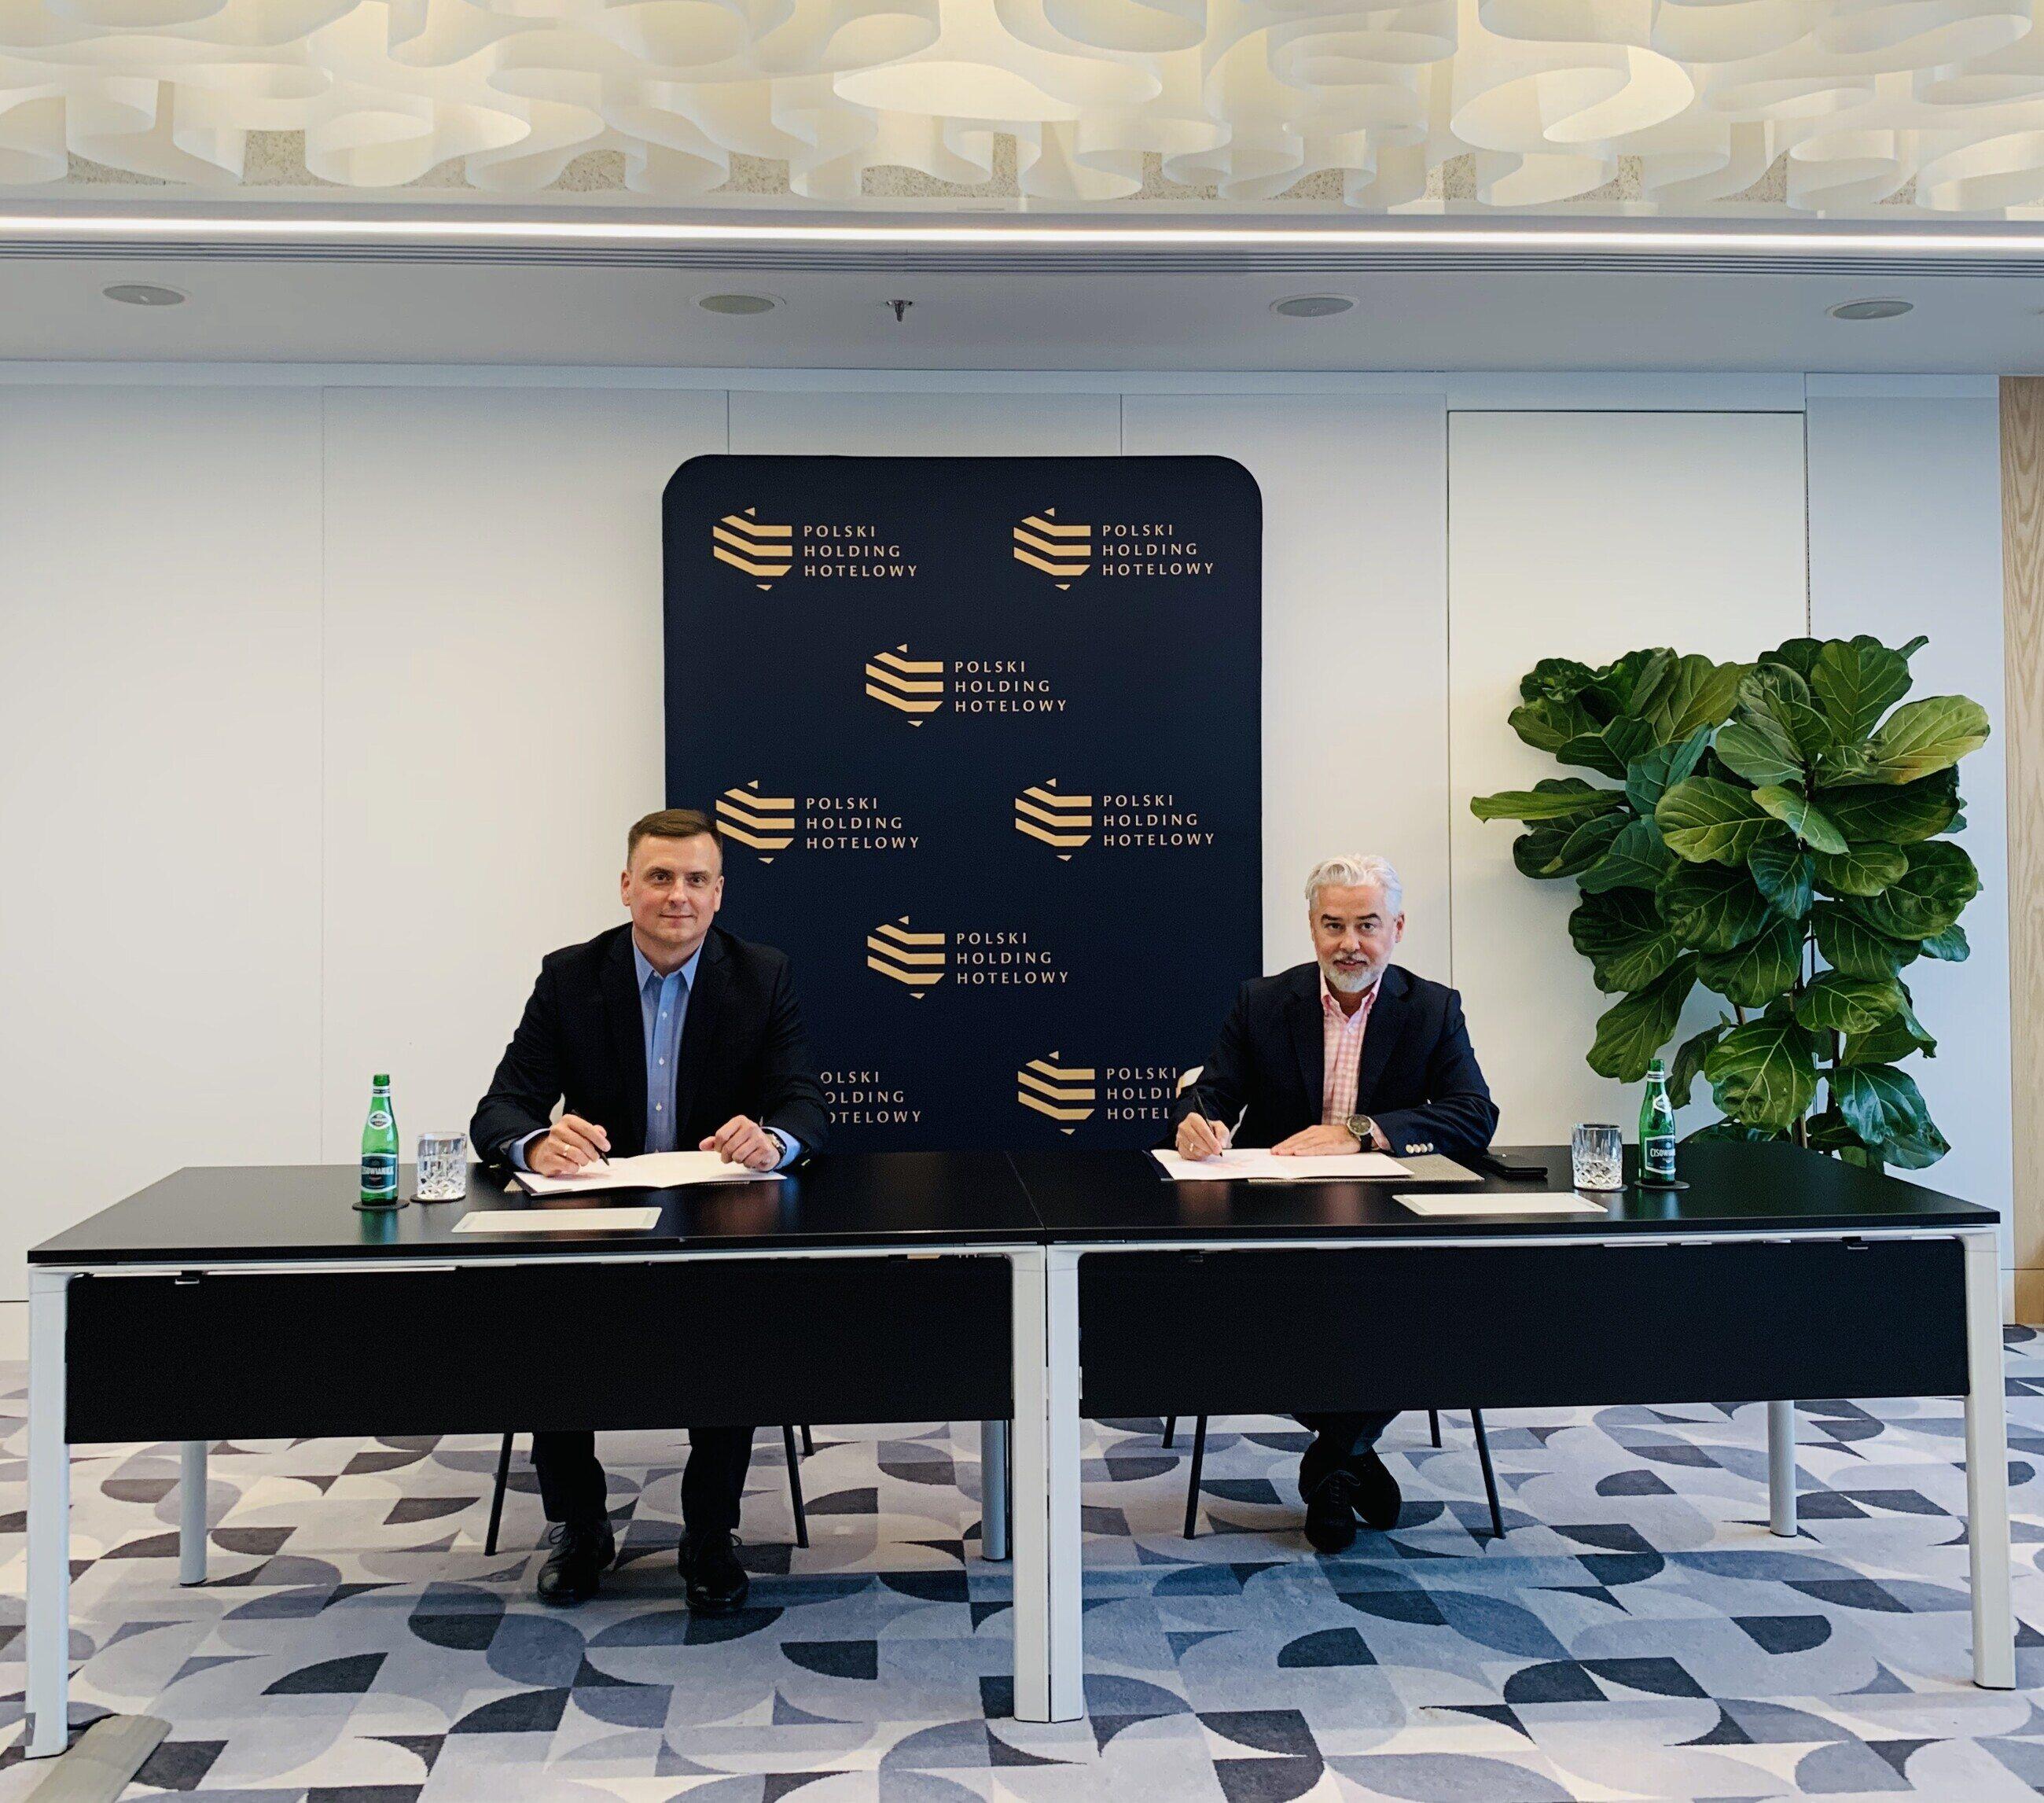 Od lewej: Janusz Mitulski, starszy dyrektor ds. rozwoju w regionie CEE i Ukrainy, Marriott International i Gheorghe Marian Cristescu, prezes Grupy Kapitałowej Polskiego Holdingu Hotelowego